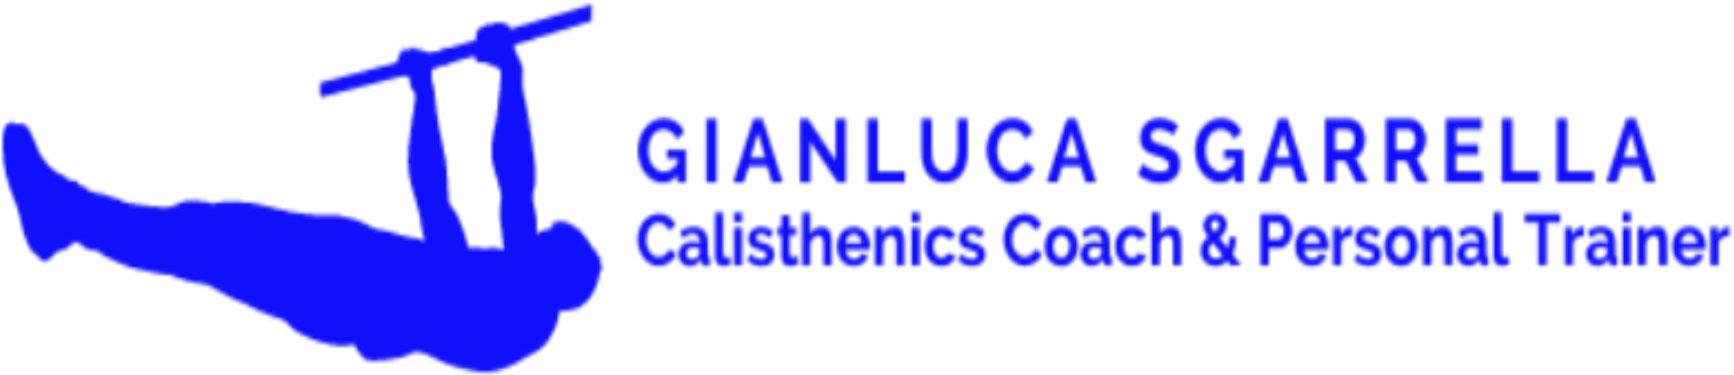 Gianluca Sgarrella - Personal Trainer & Calisthenics Coach